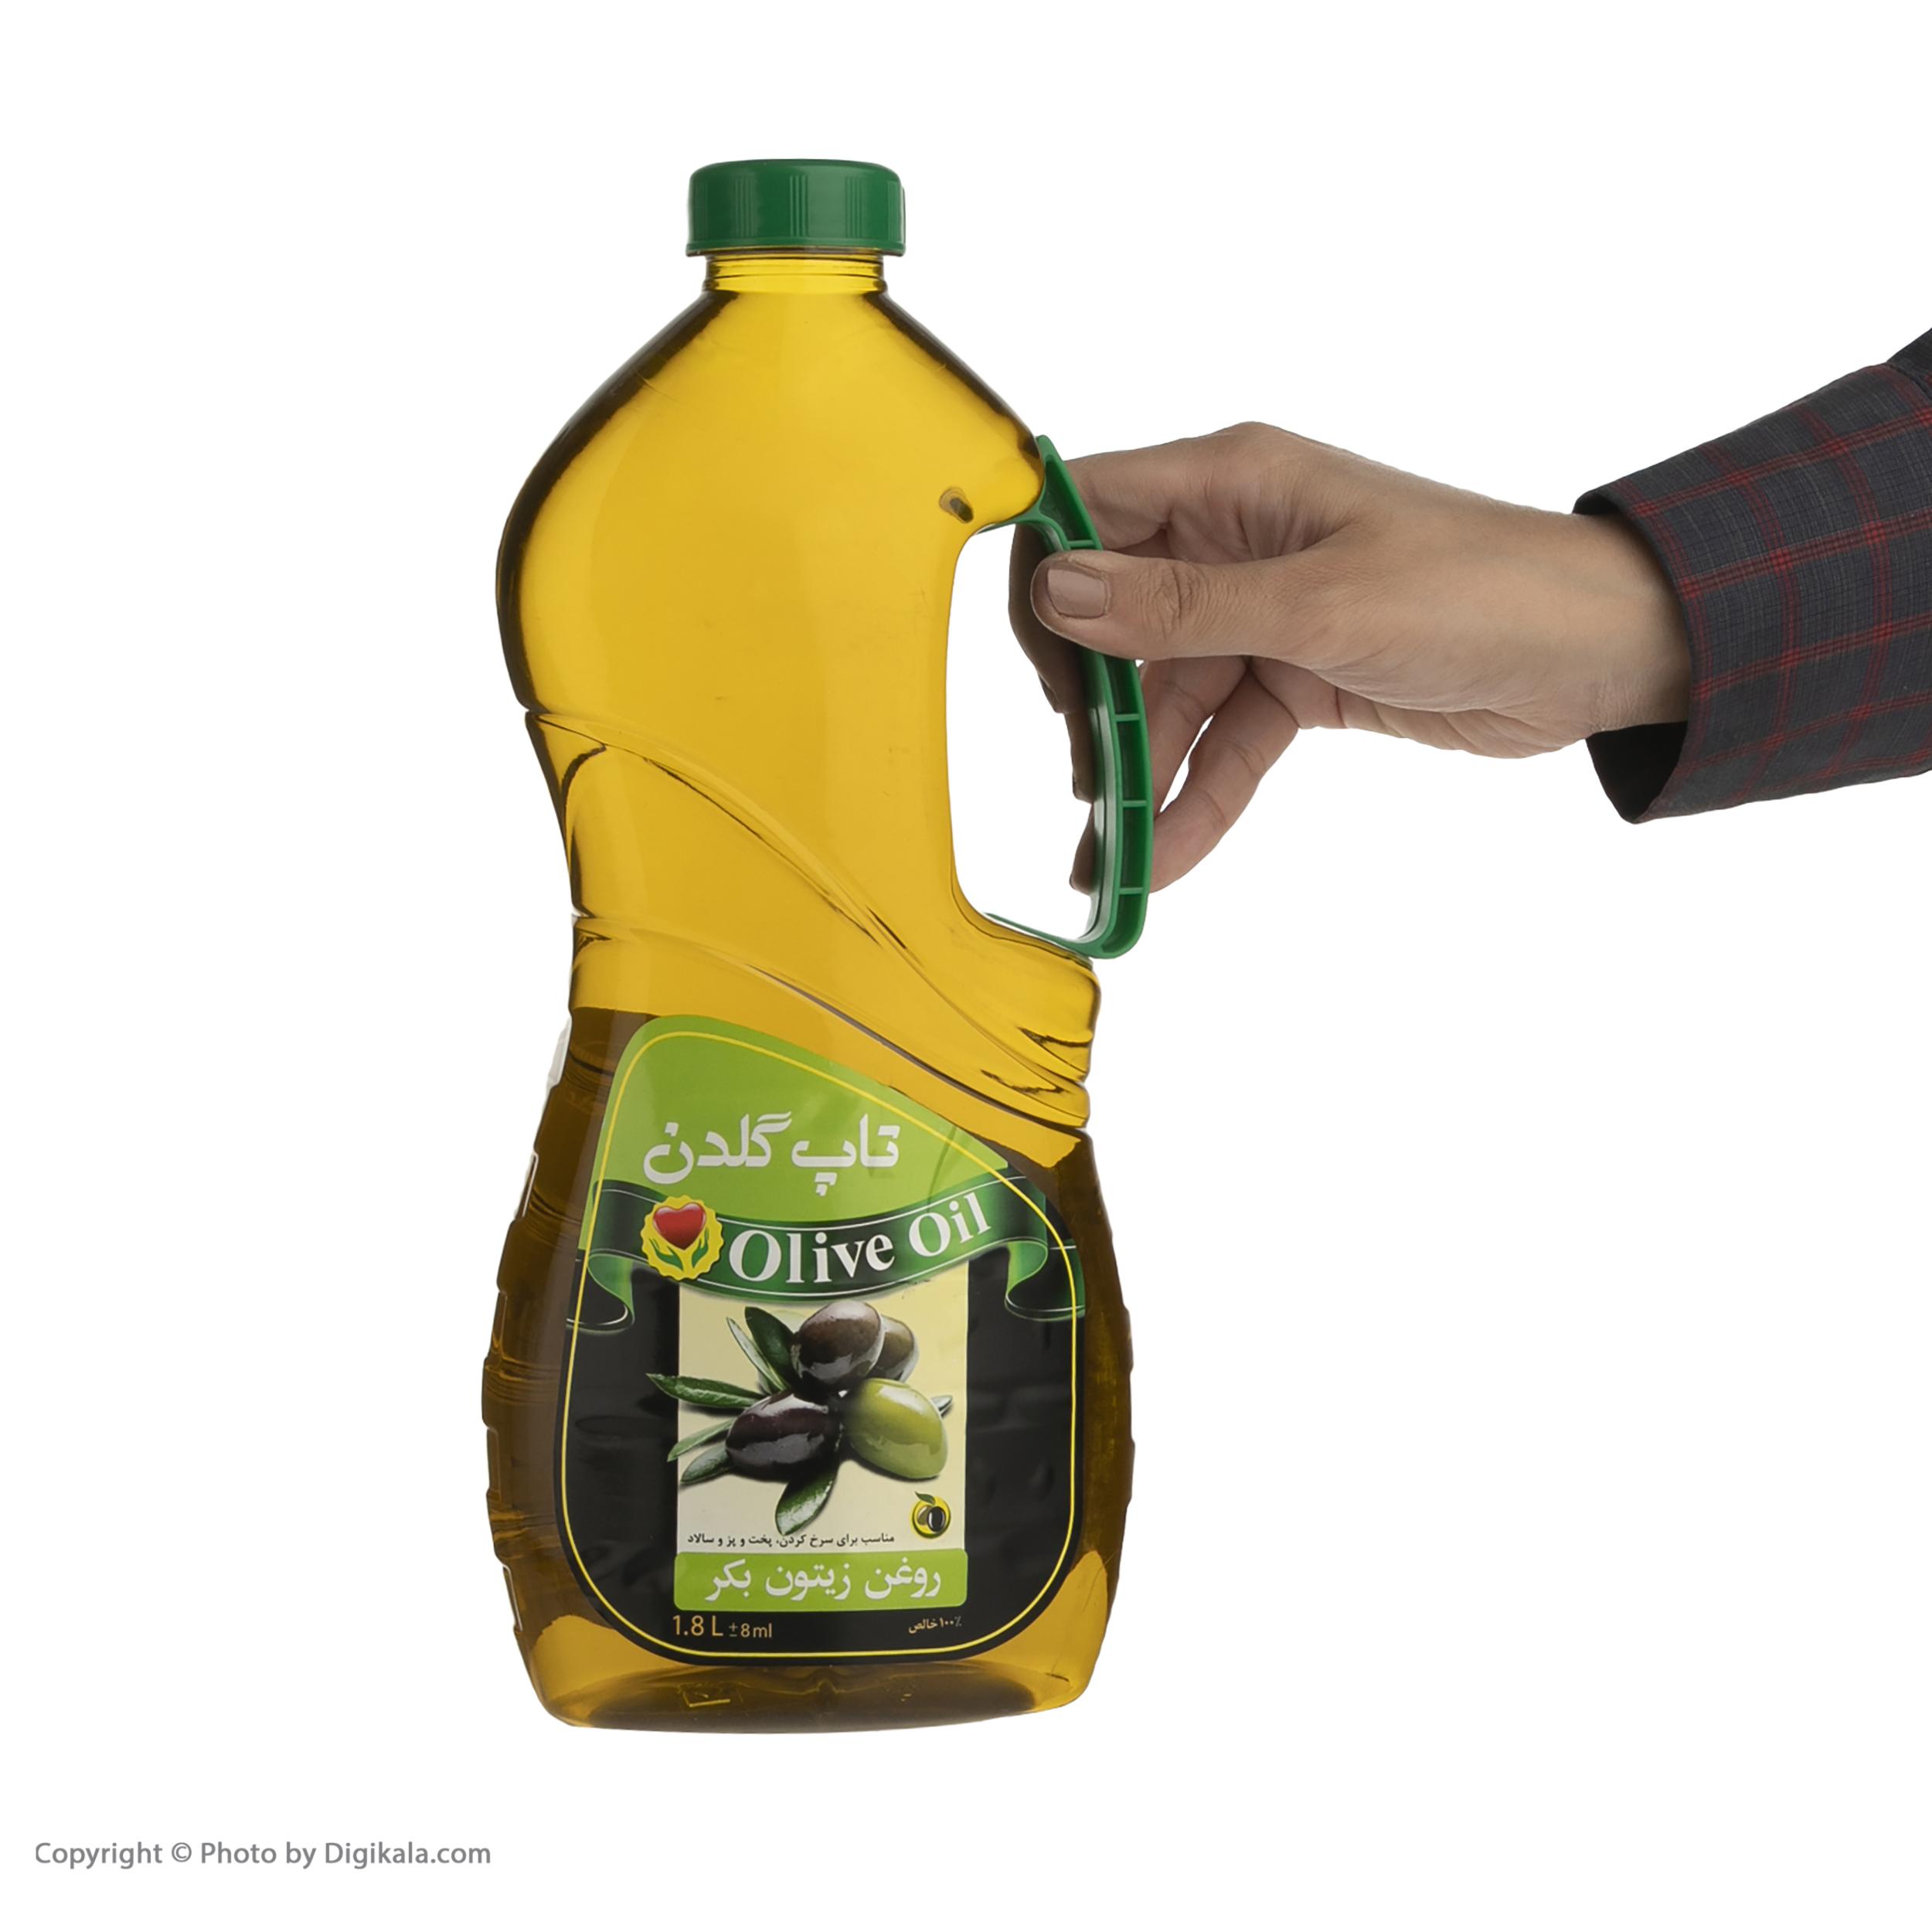 روغن زیتون بکر گلدن تاپ - 1.8 لیتر